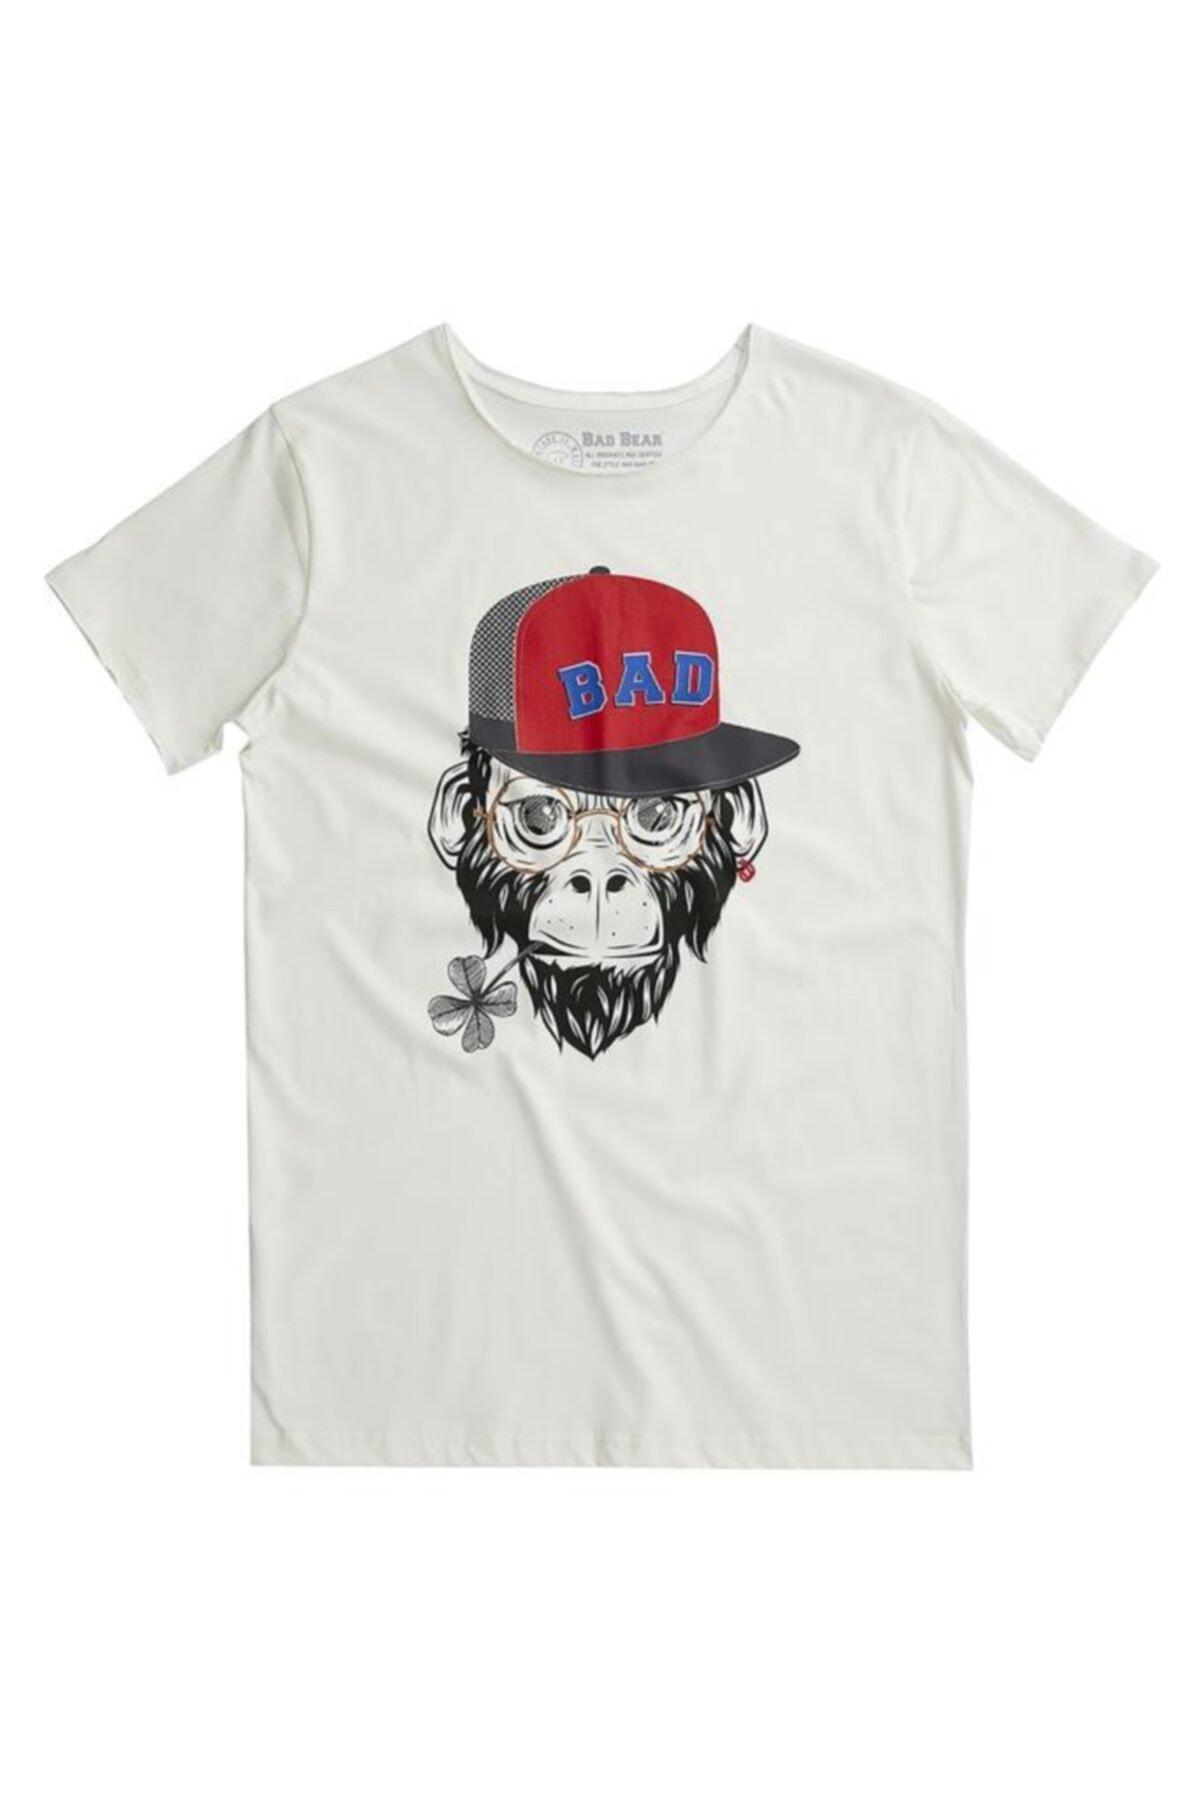 Bad Bear Bad Monkey Tee Erkek T-shırt 20.01.07.018 1